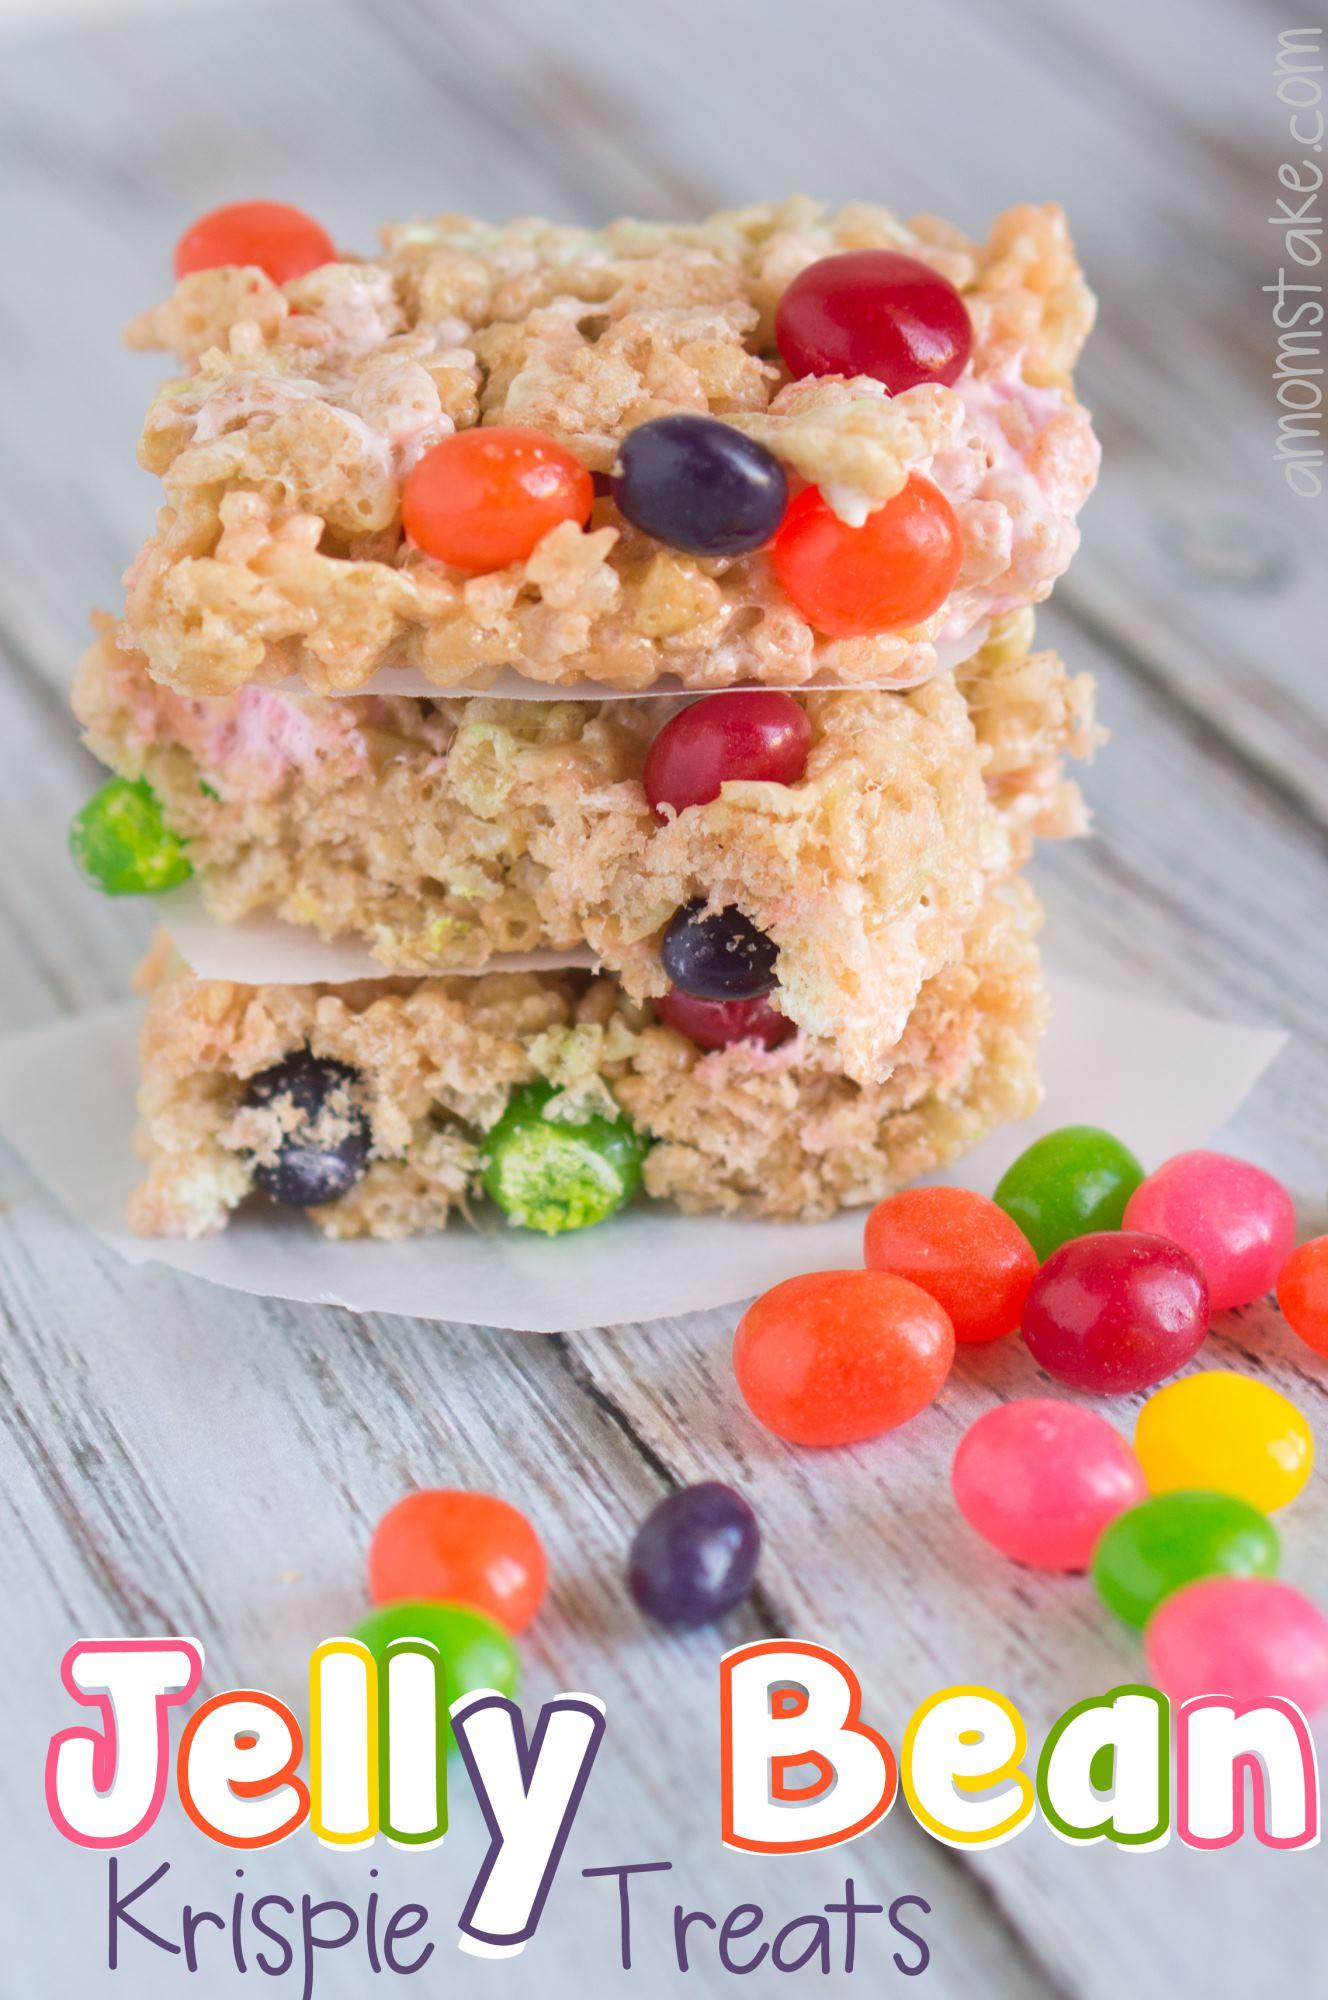 Jelly-Bean-Krispie1